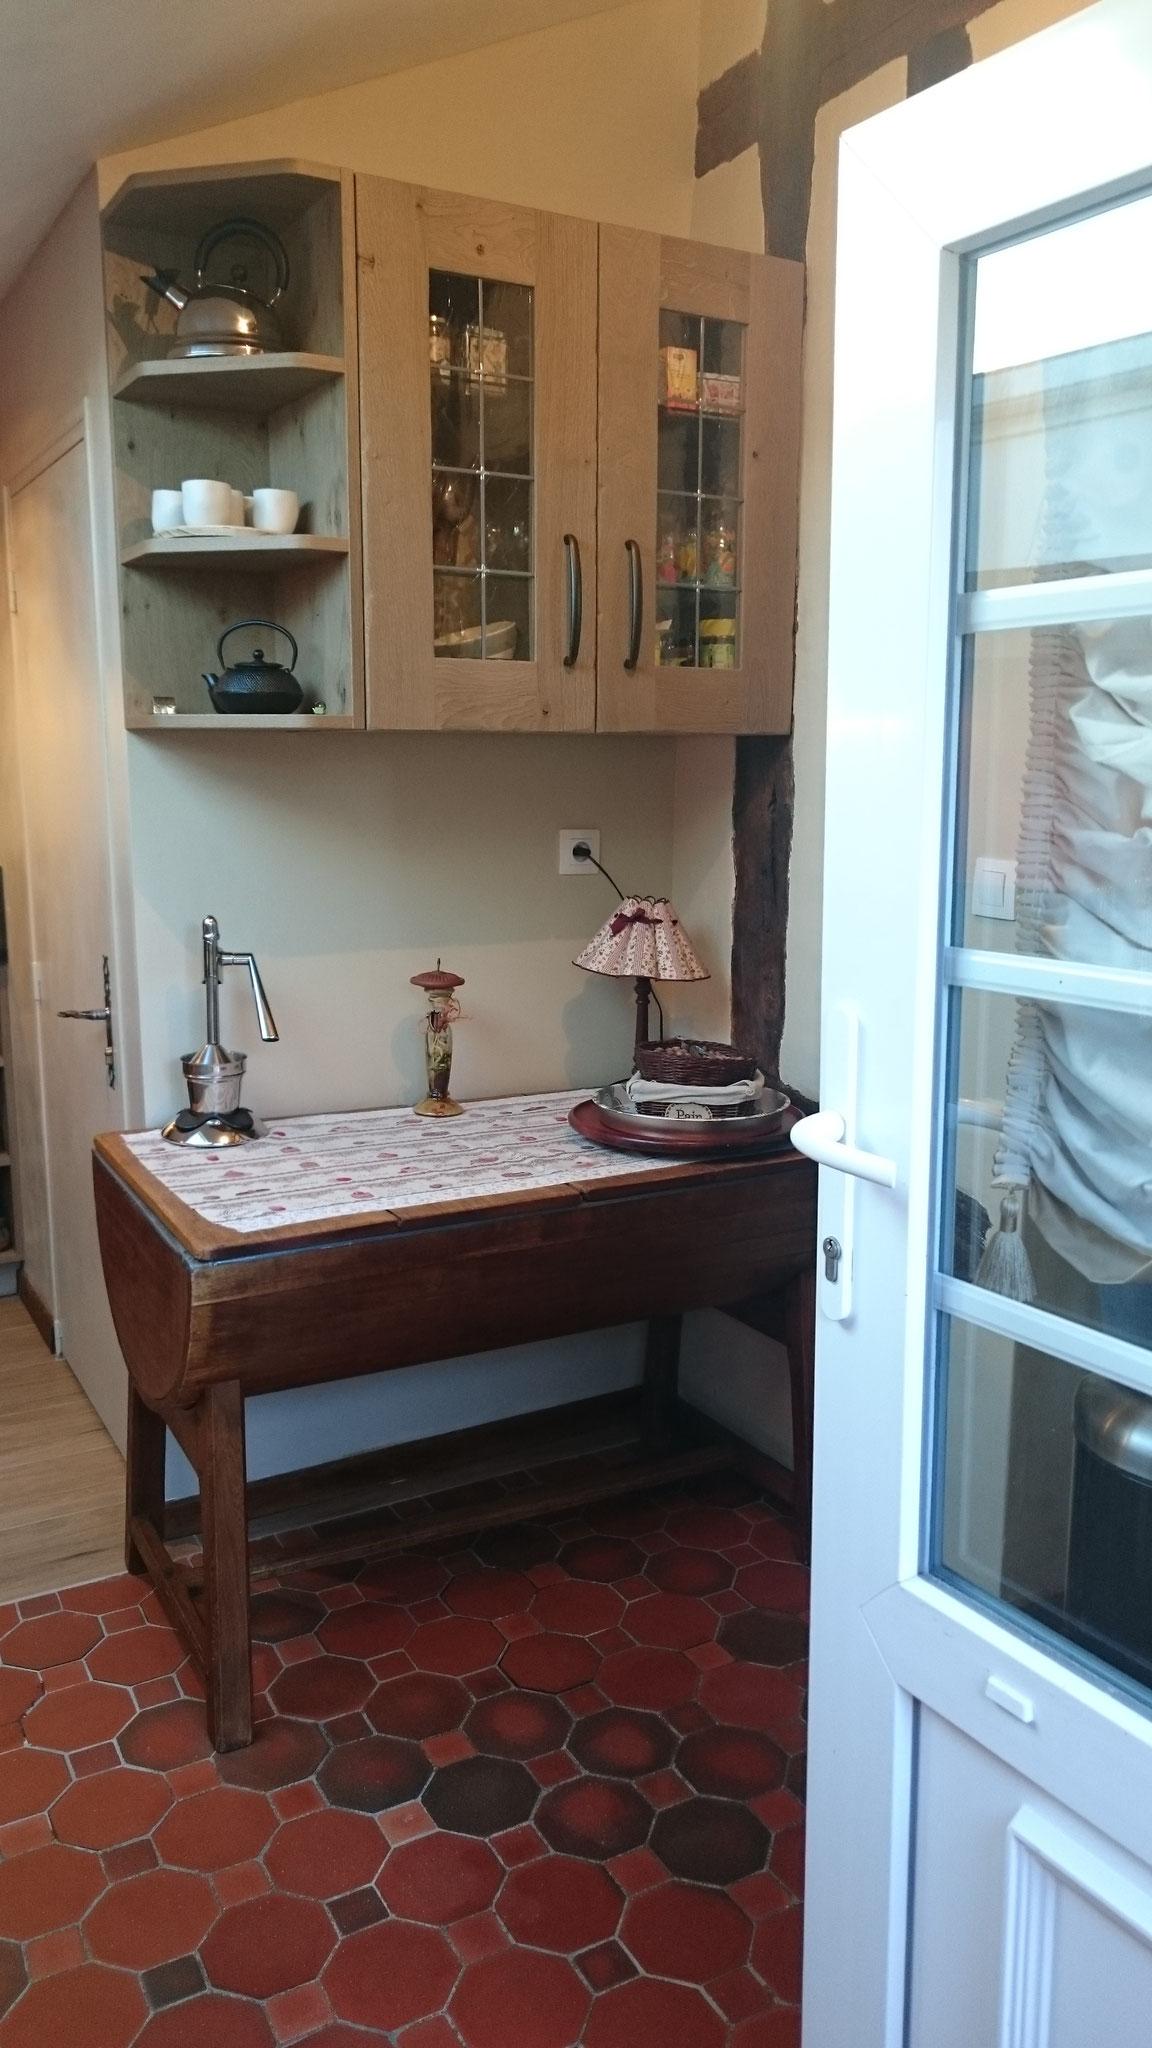 Meuble haut vitré avec croisillons en plomb et étagère haute à pans coupés